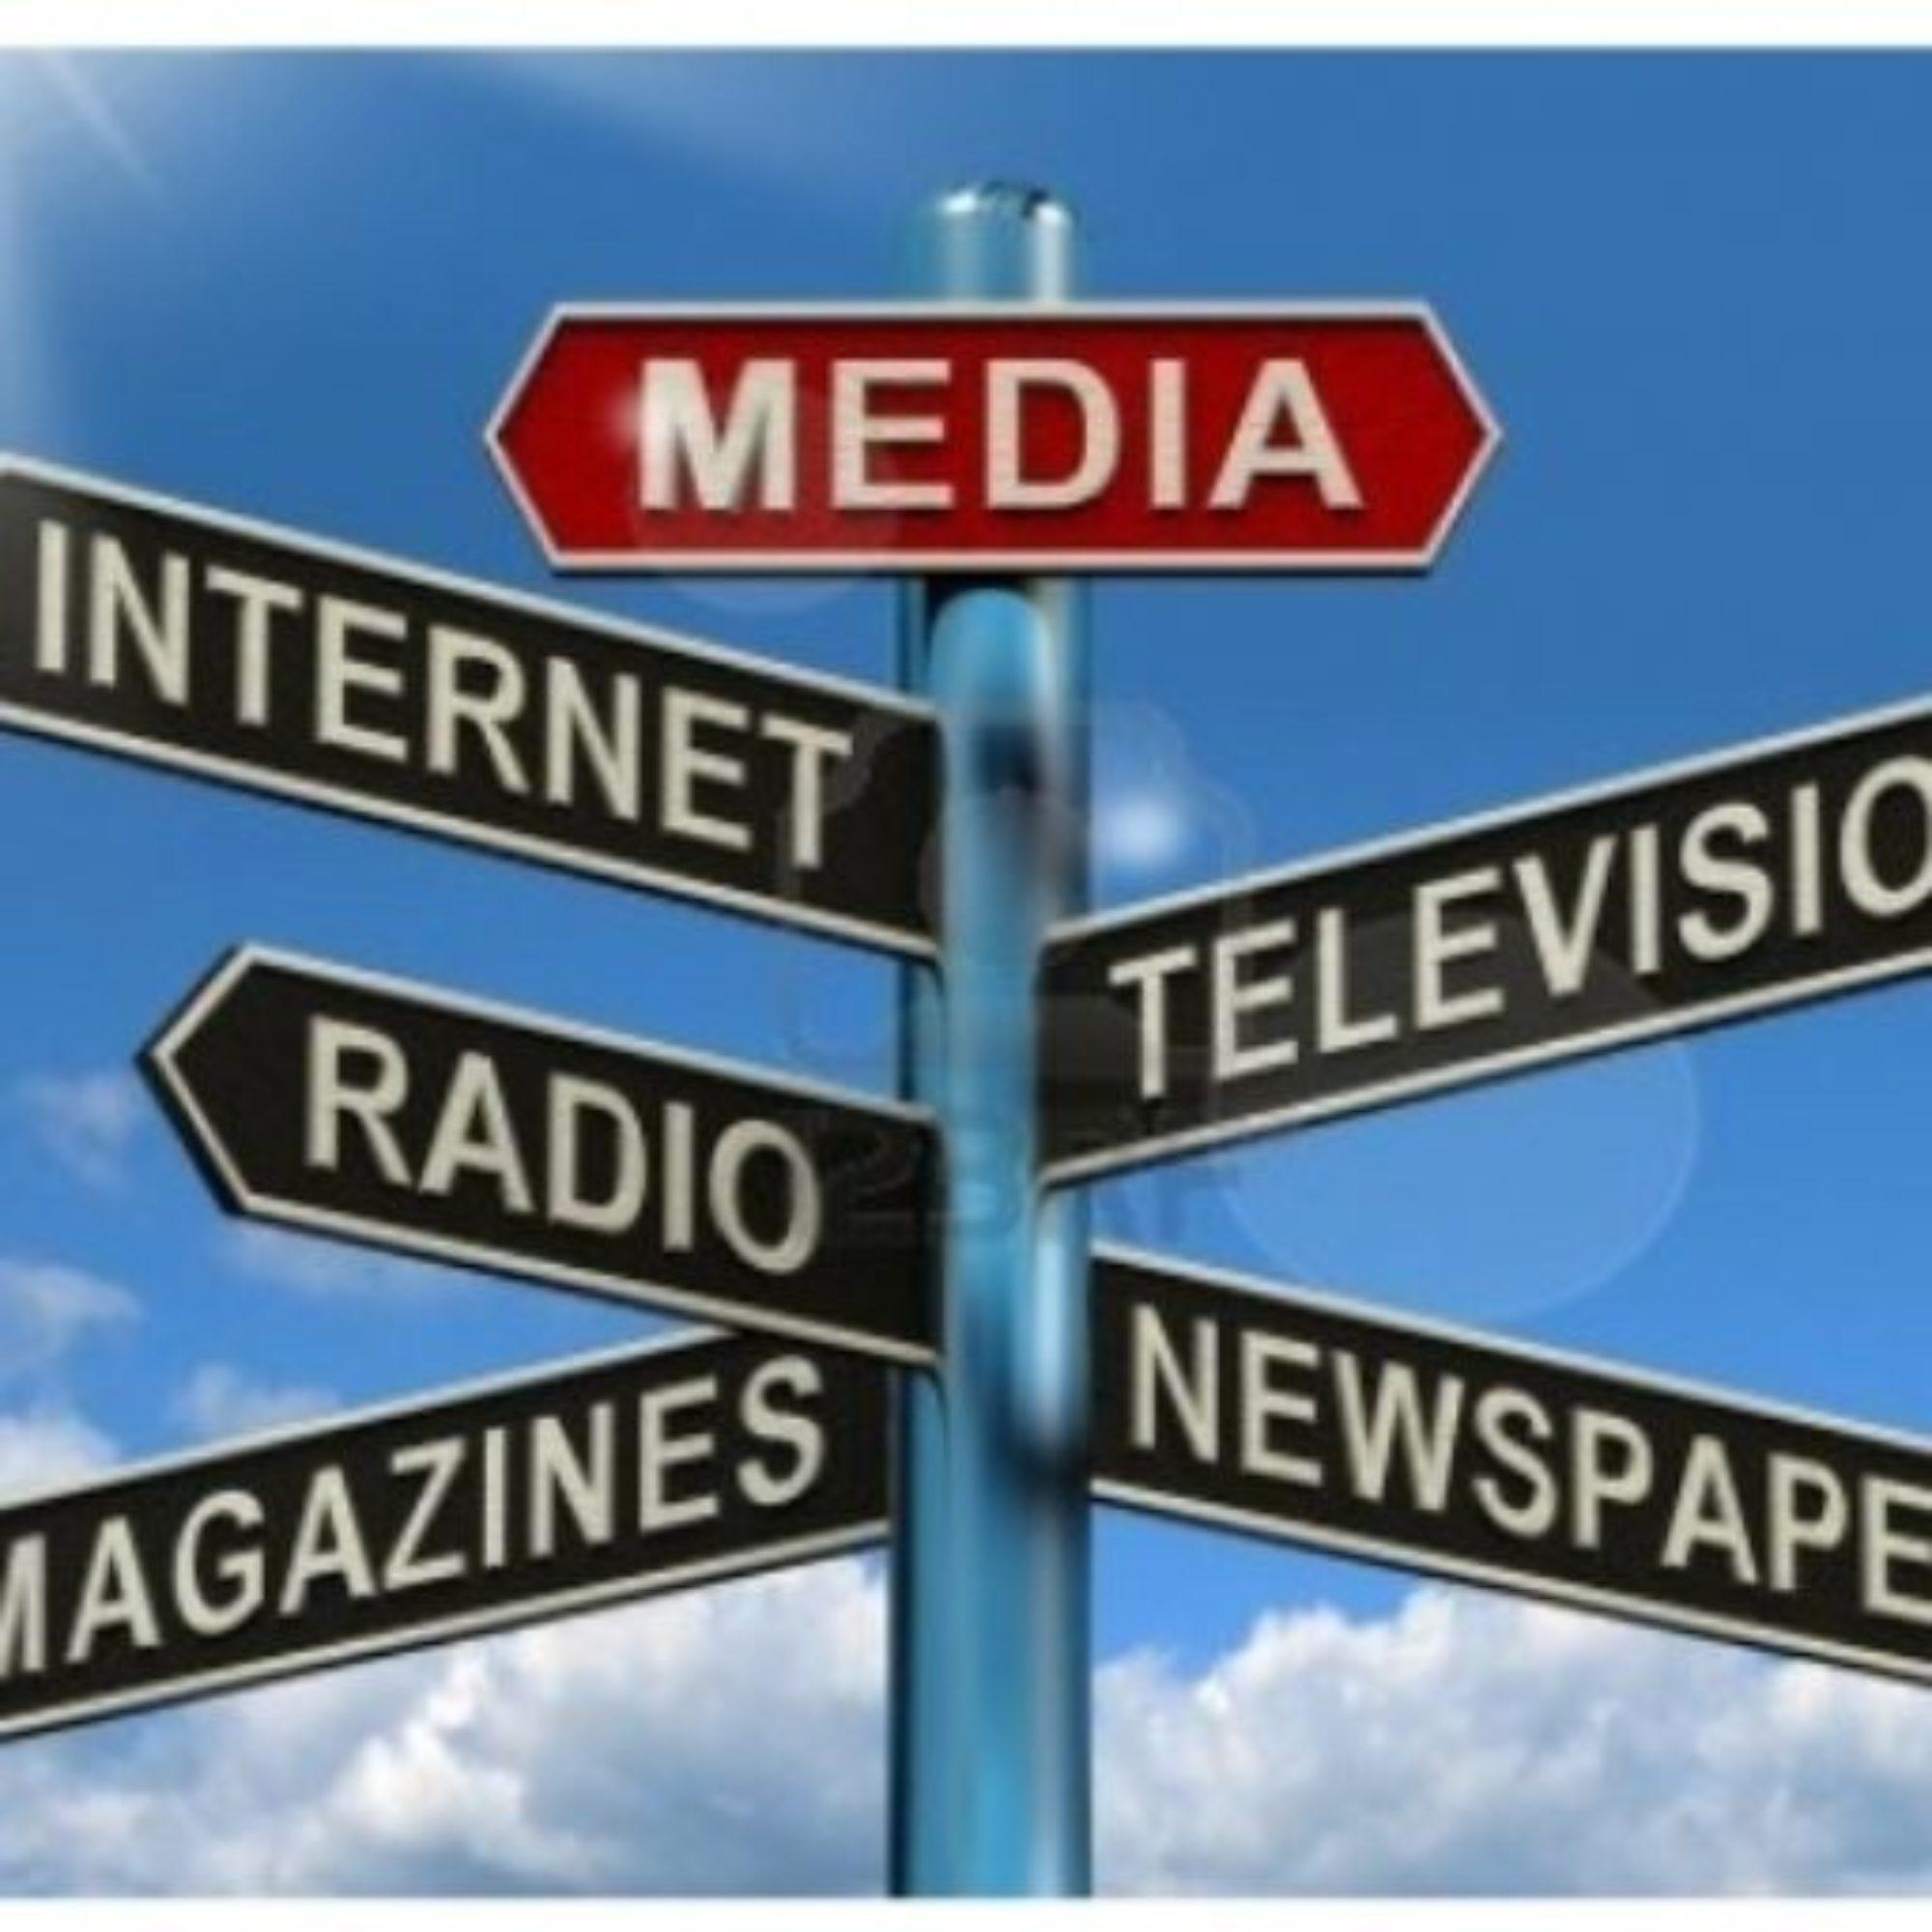 Mediaosaaminen